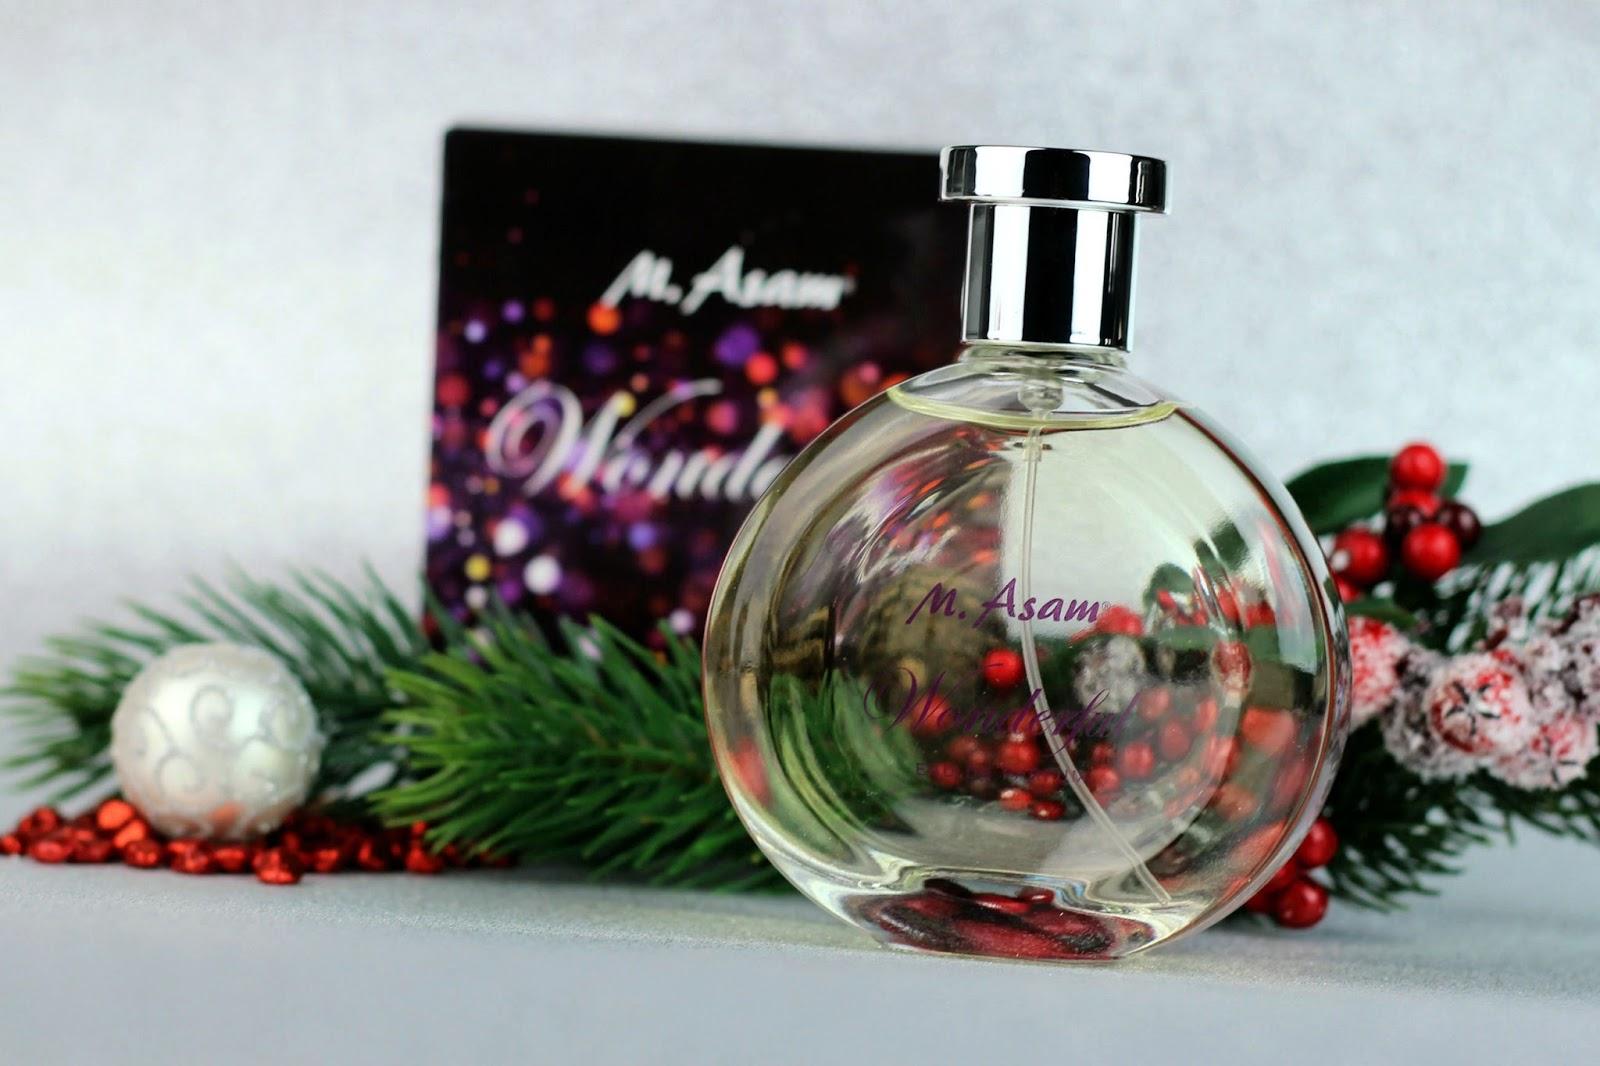 damenduft, duftbeschreibung, duschgel, eau de parfum, geschenke für frauen, geschenkidee, geschenkset, körpercreme, m. asam, parfum, peeling, qvc beauty, review, weihnachten, weihnachtsduft, wonderful,